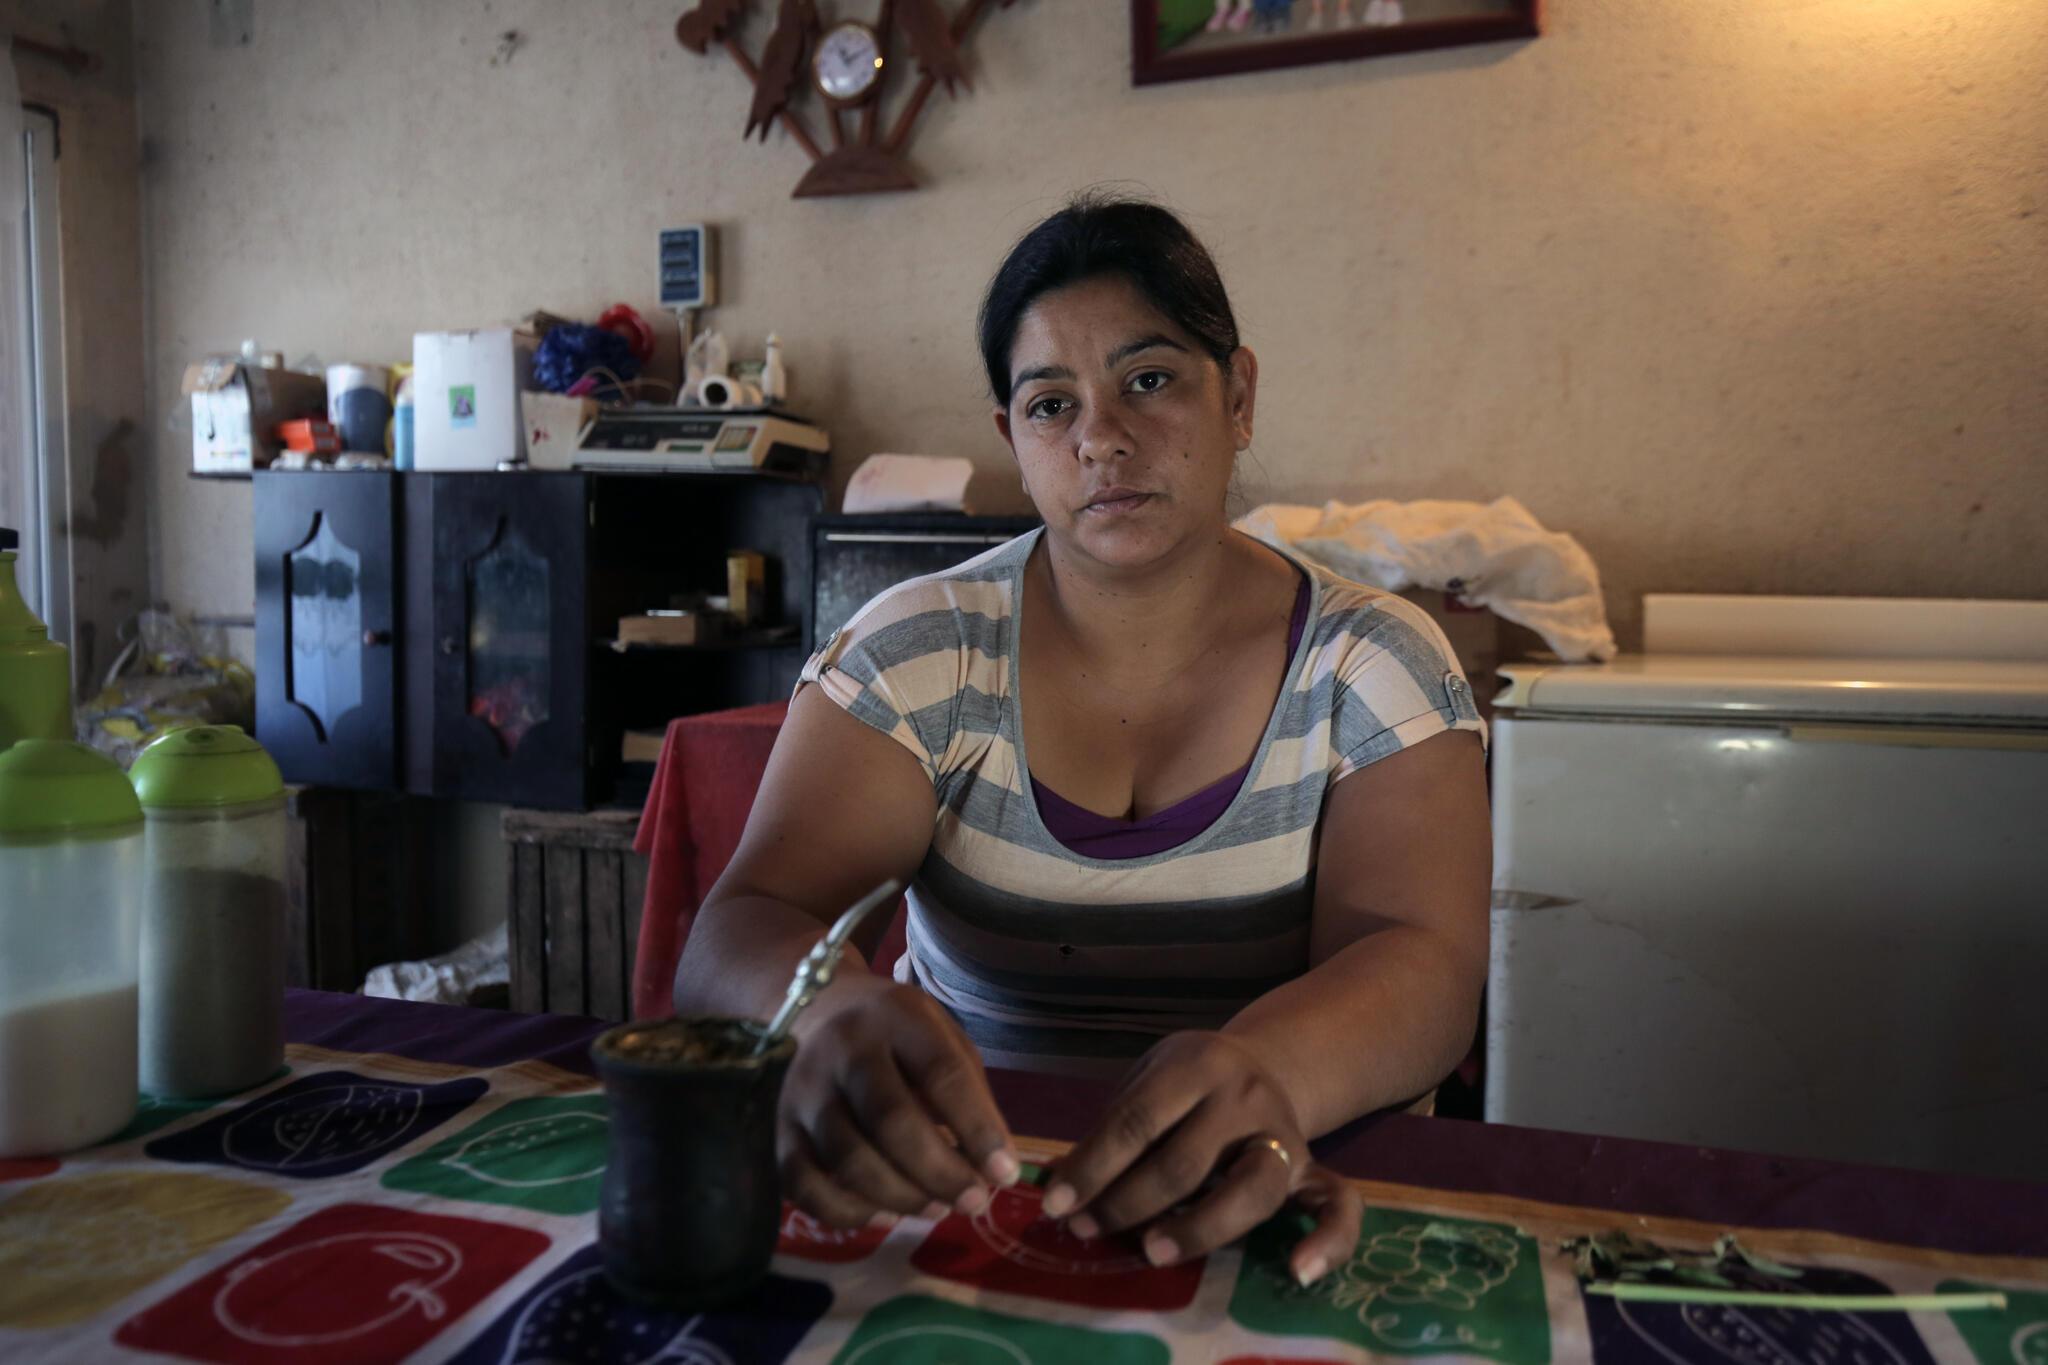 Silvia Ponce vive en Avia Terai, en el Chaco argentino. Su hija de 9 años, Aixa, tiene la espalda cubierta de tumores. Los médicos piensan que esto se debe a que Silvia estuvo expuesta a pesticidas durante su embarazo.